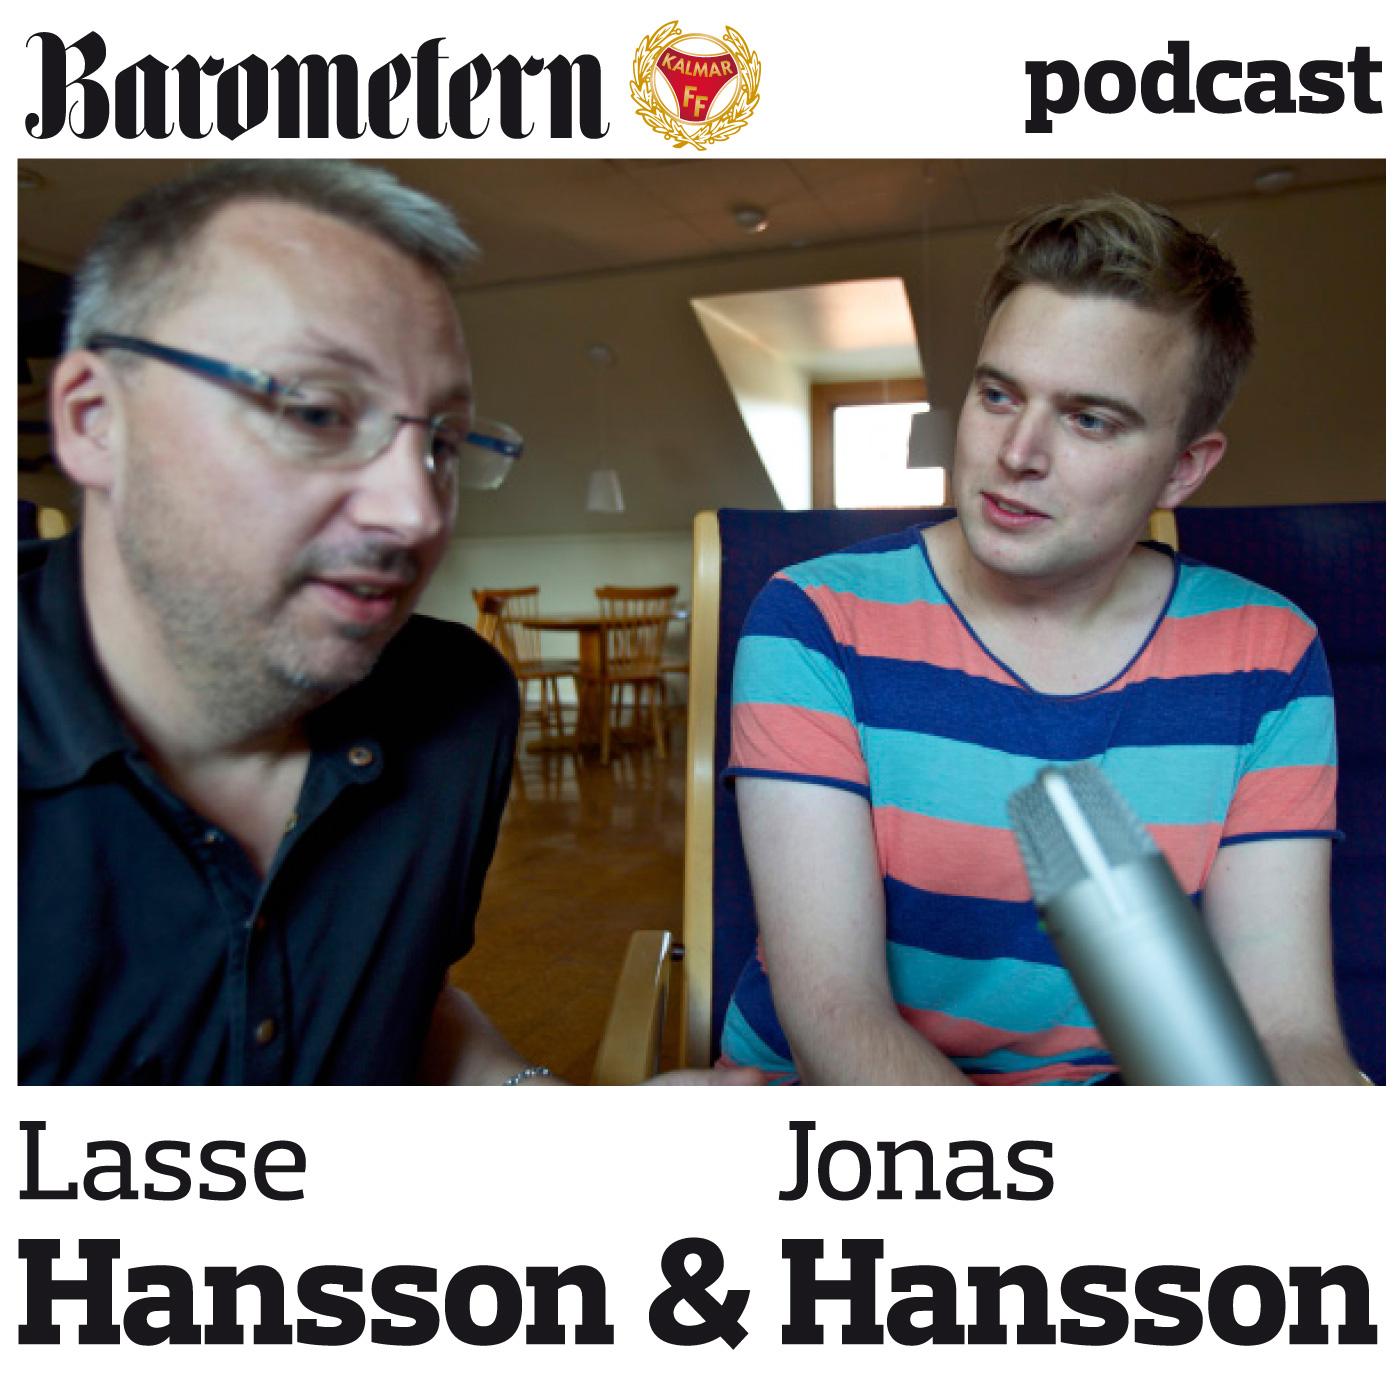 hanssonochhansson's podcast